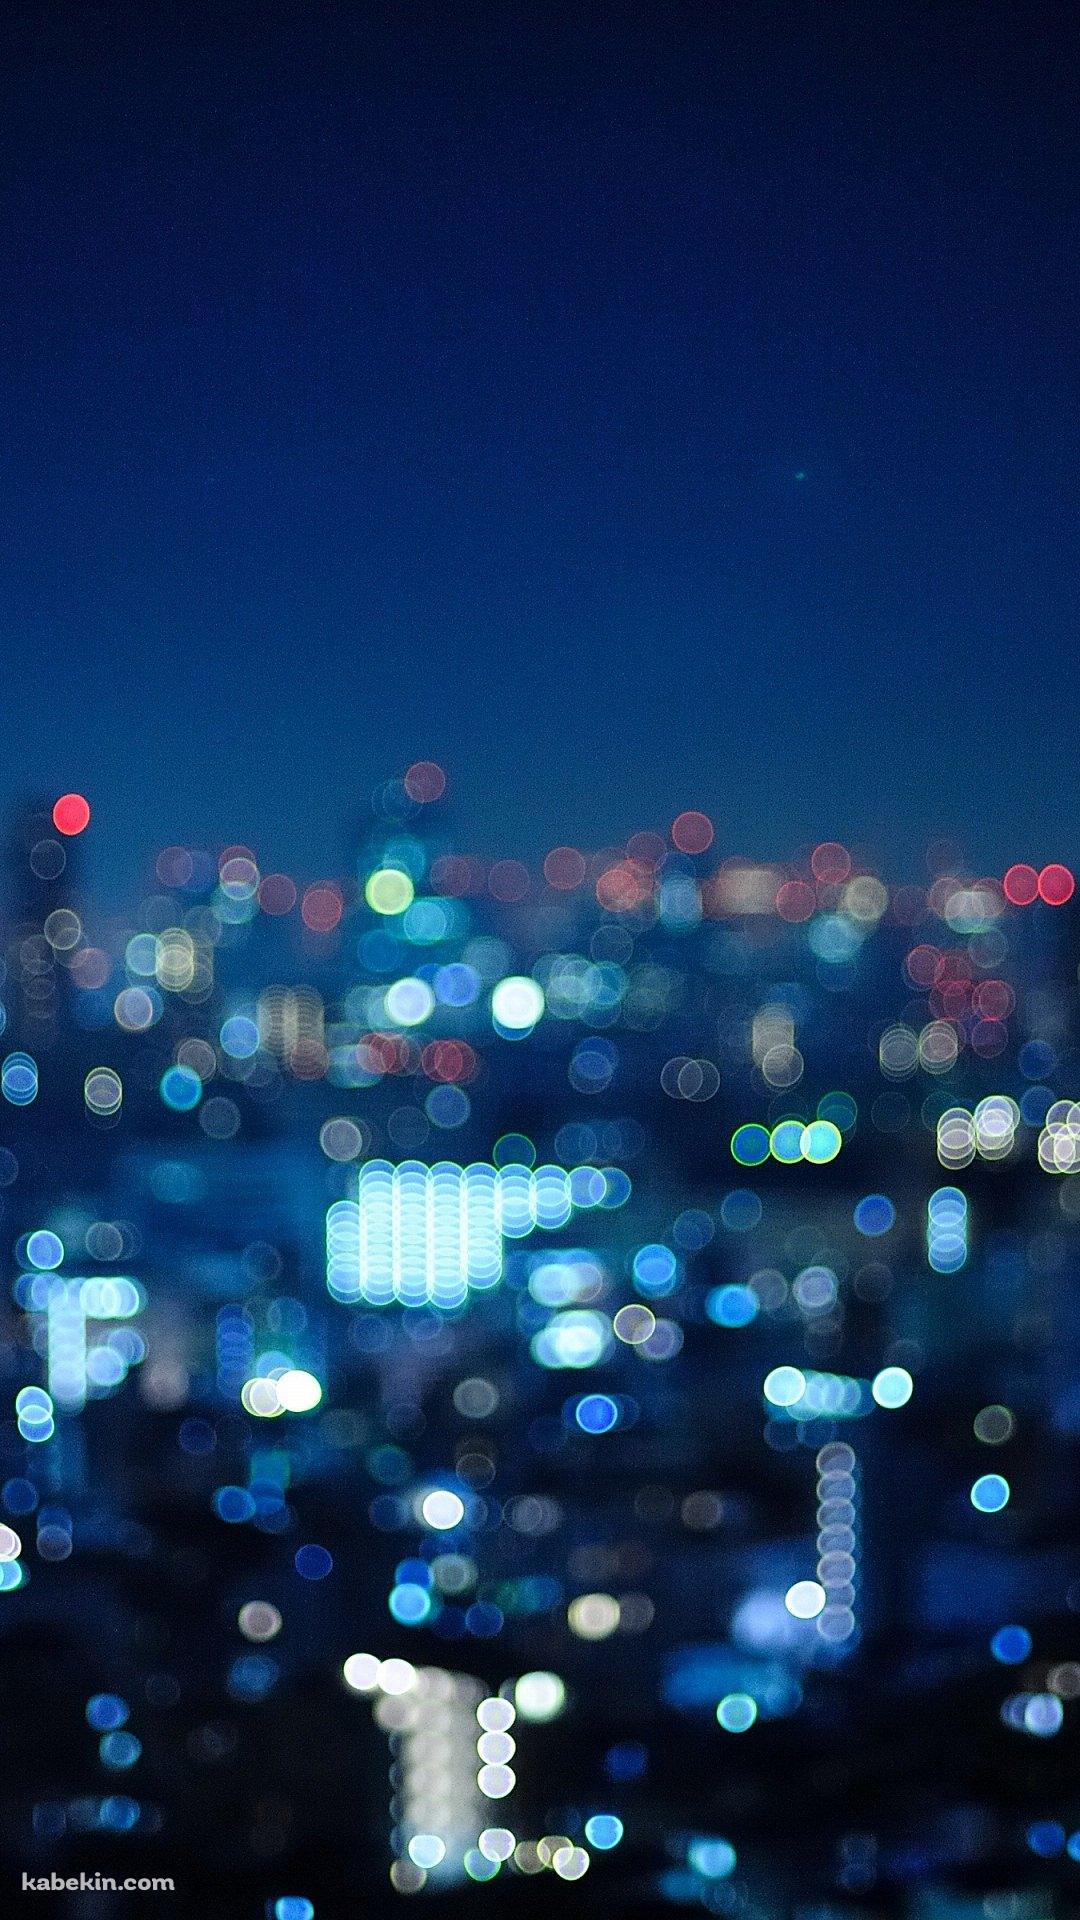 日本の東京の夜景のandroid壁紙 1080 X 19 壁紙キングダム スマホ版